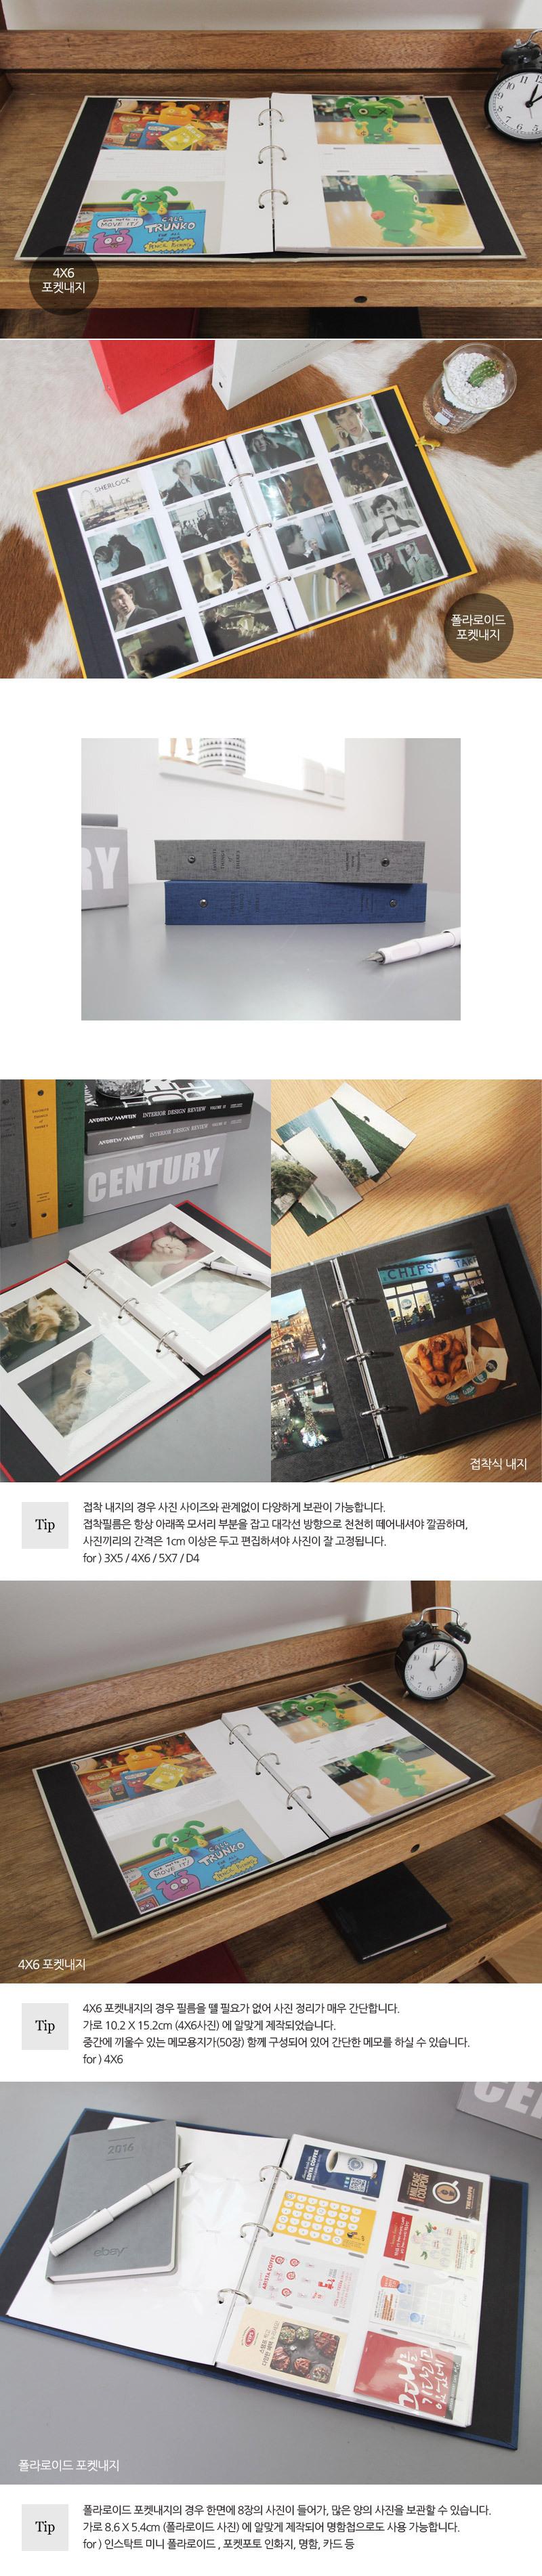 데일리 바인더앨범 - 데얼스, 13,600원, 접착앨범, 심플